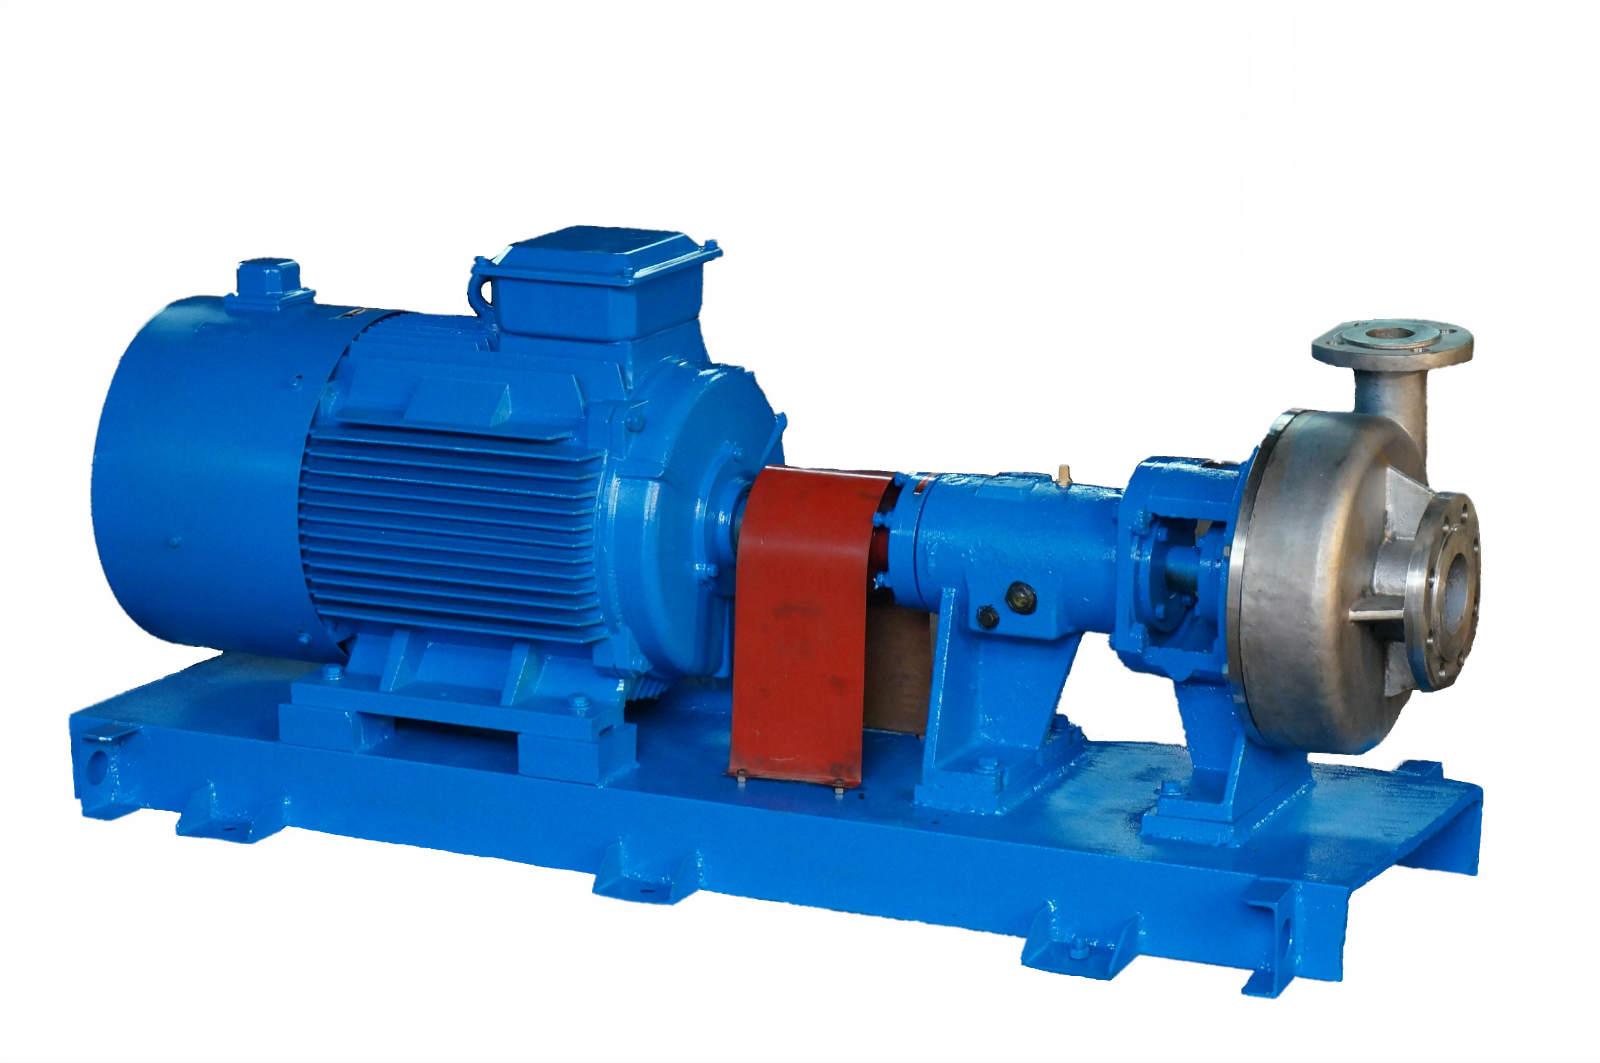 唐山耐腐蚀自吸化工泵价格「沧州海德尔泵业供应」